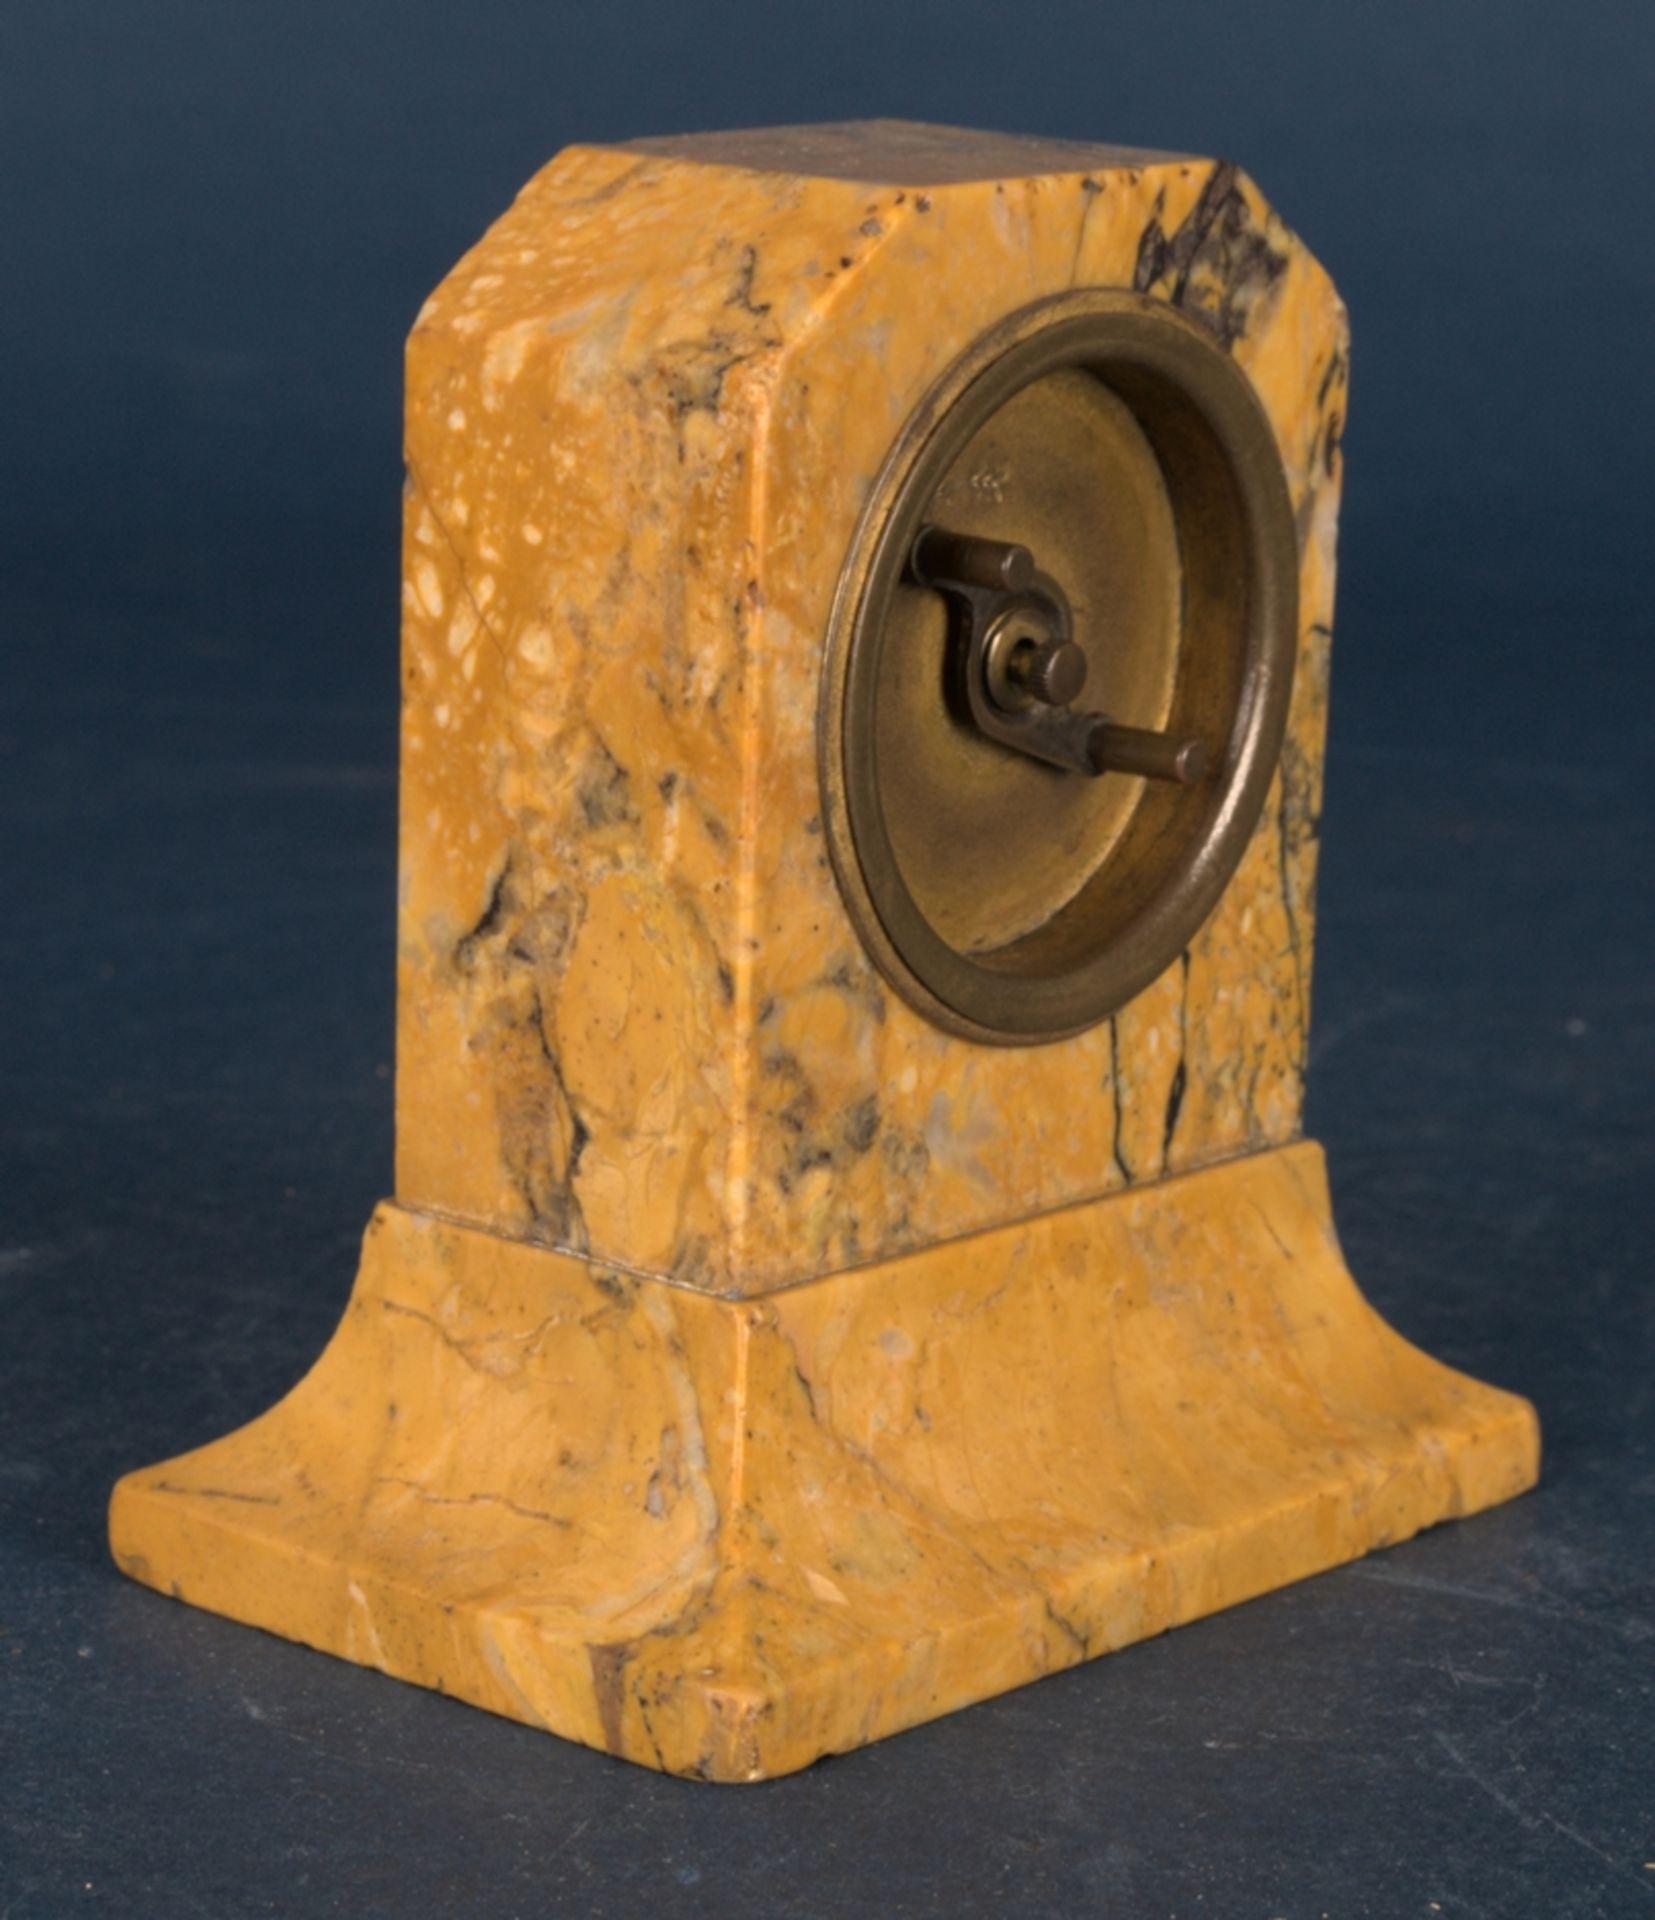 Kleine Tischuhr mit 8 Tagewerk in gelblich-braunem Granit- oder Marmorgehäuse. Höhe ca. 9 cm. Um - Bild 5 aus 8